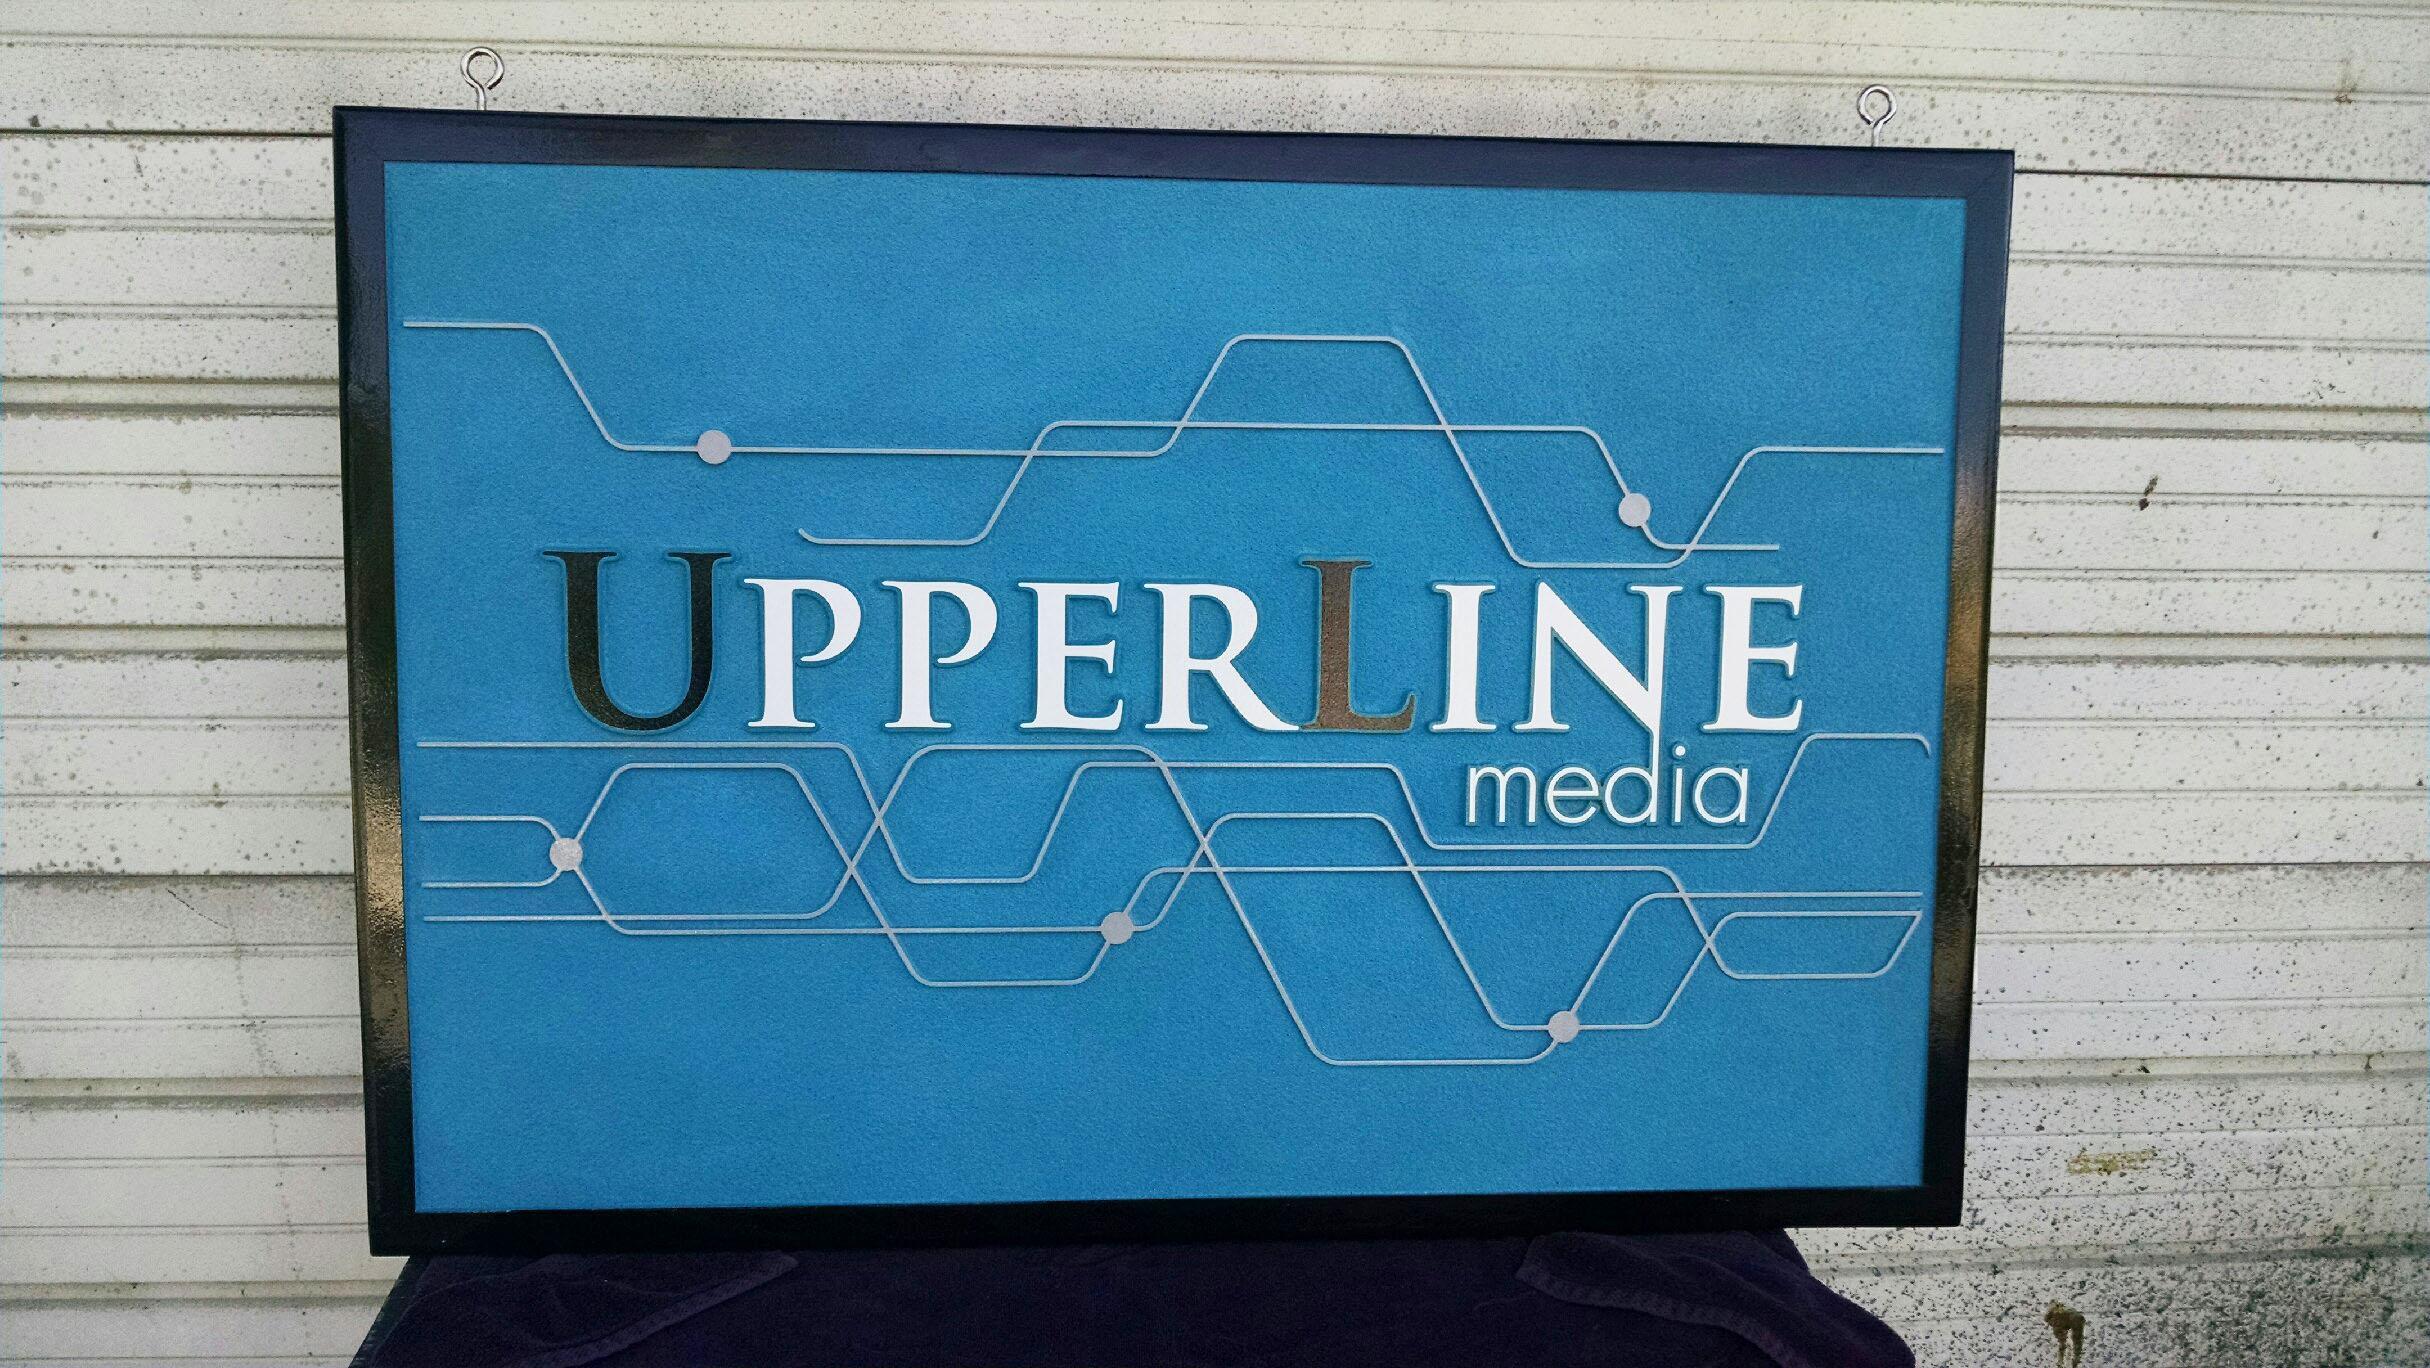 Upperline Sunshine Media